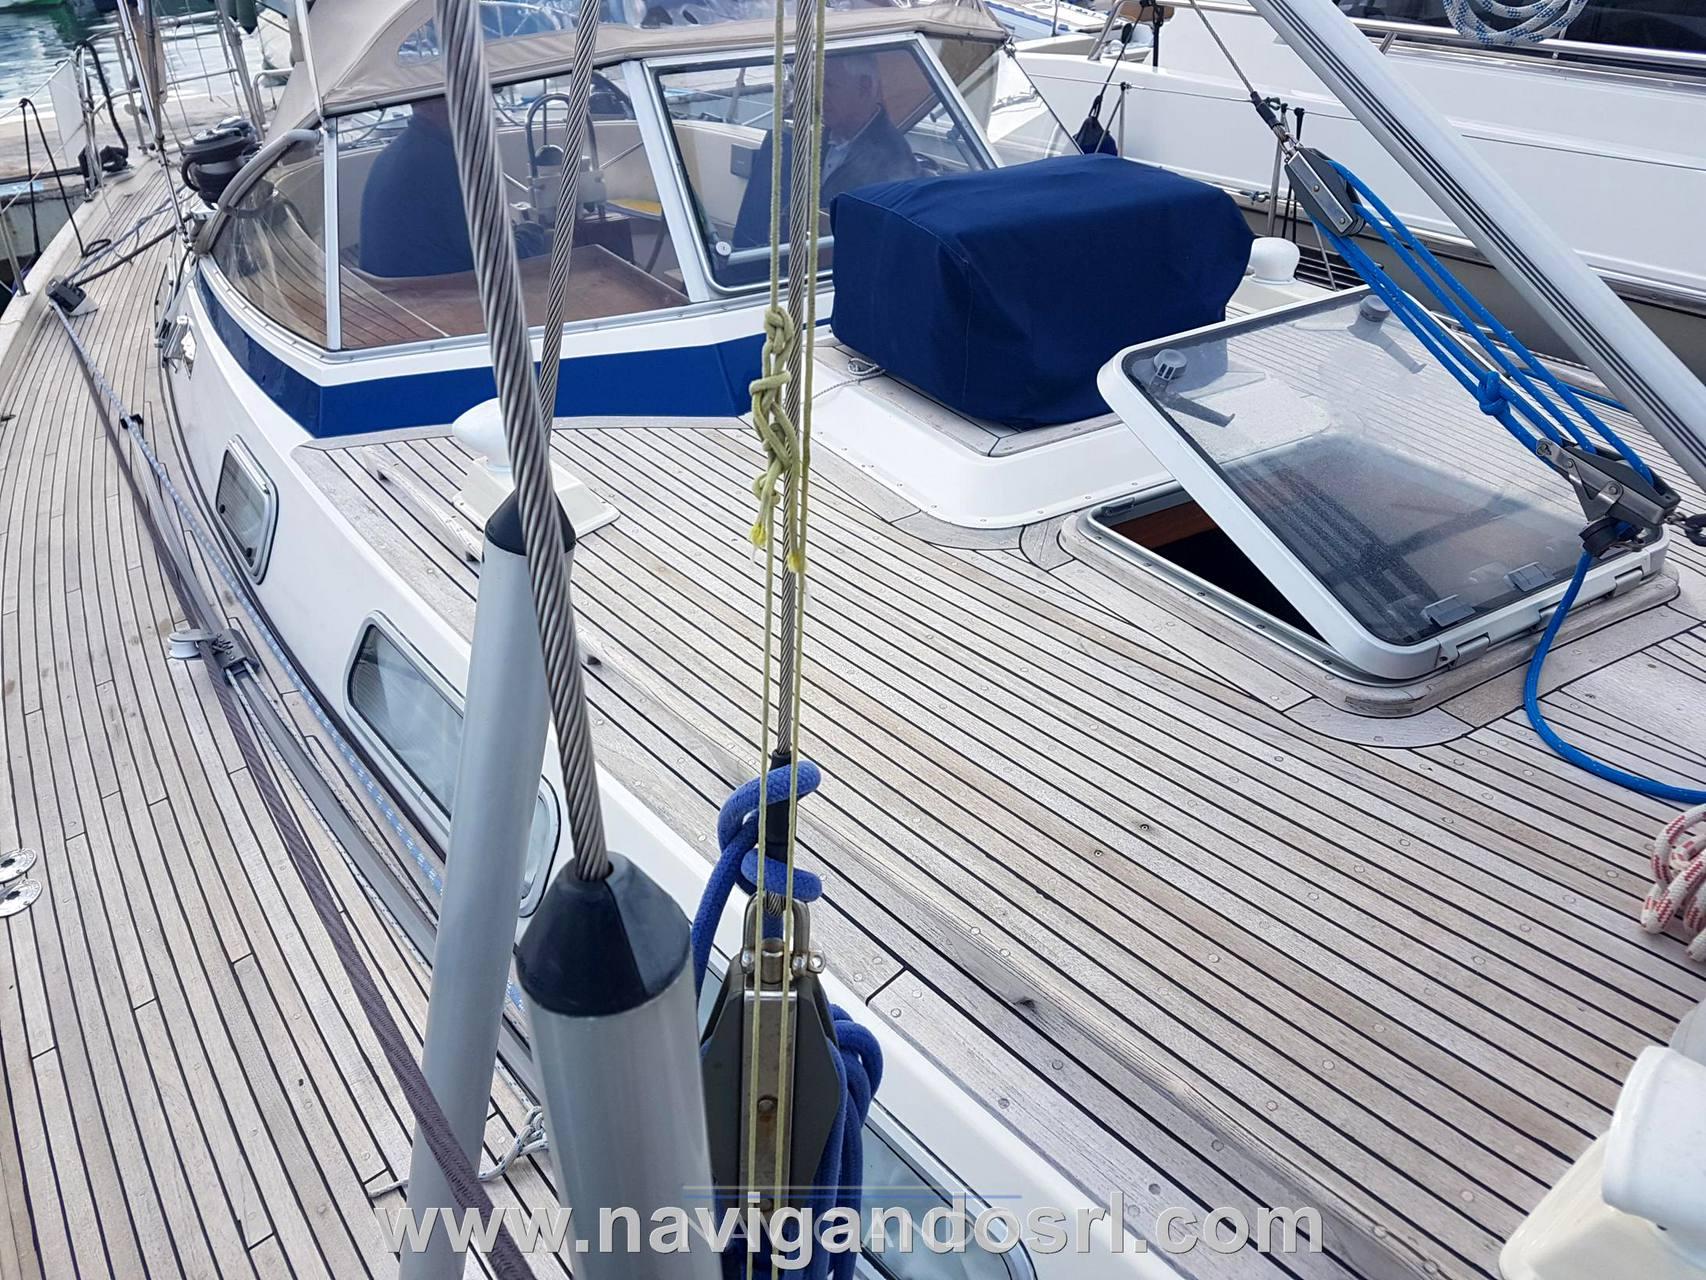 Hallberg rassy 45 barca a vela